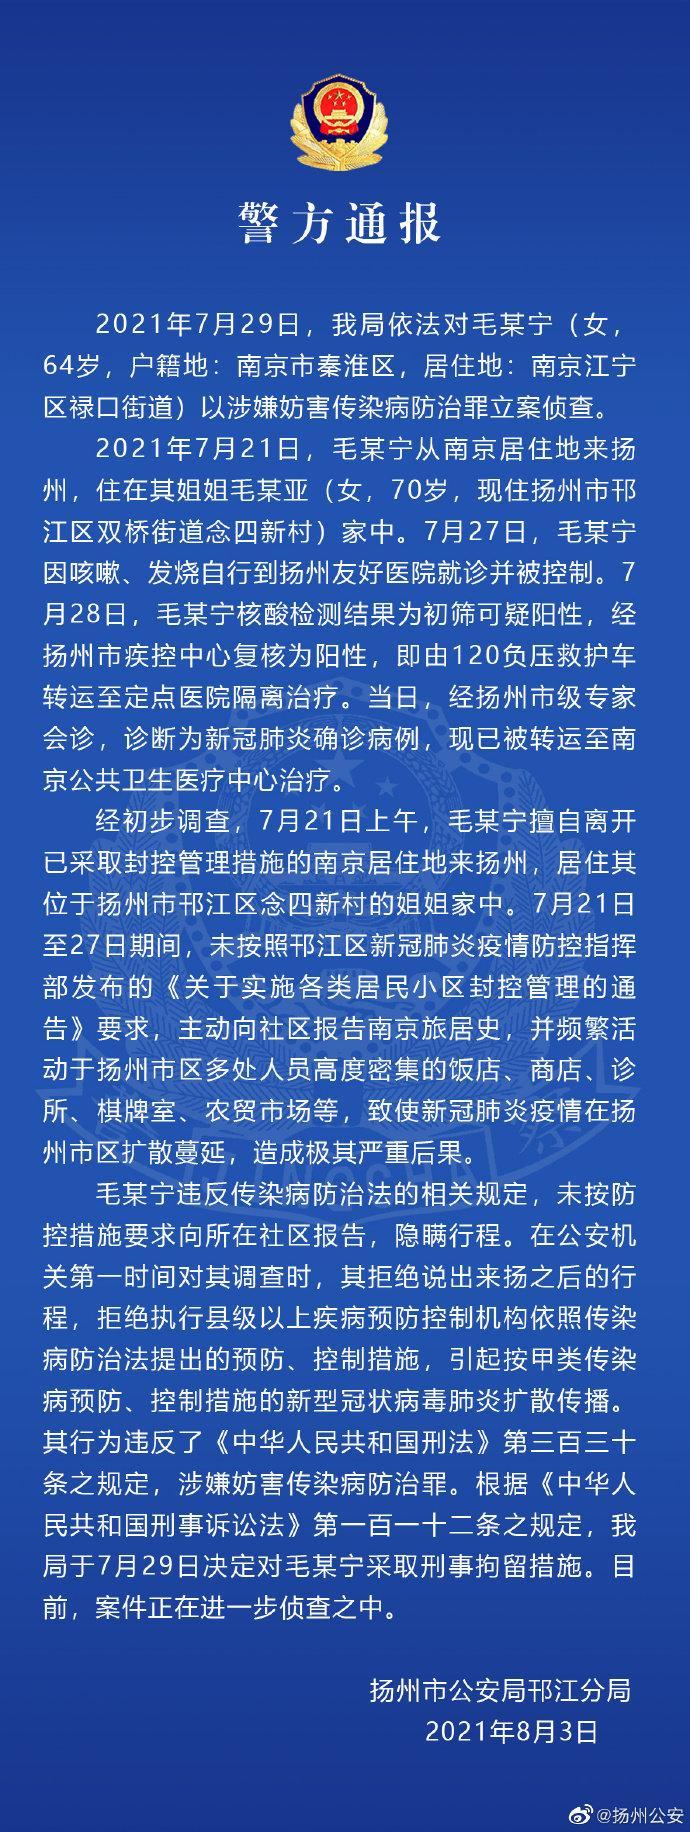 扬州通报确诊病例1毛某宁被刑拘